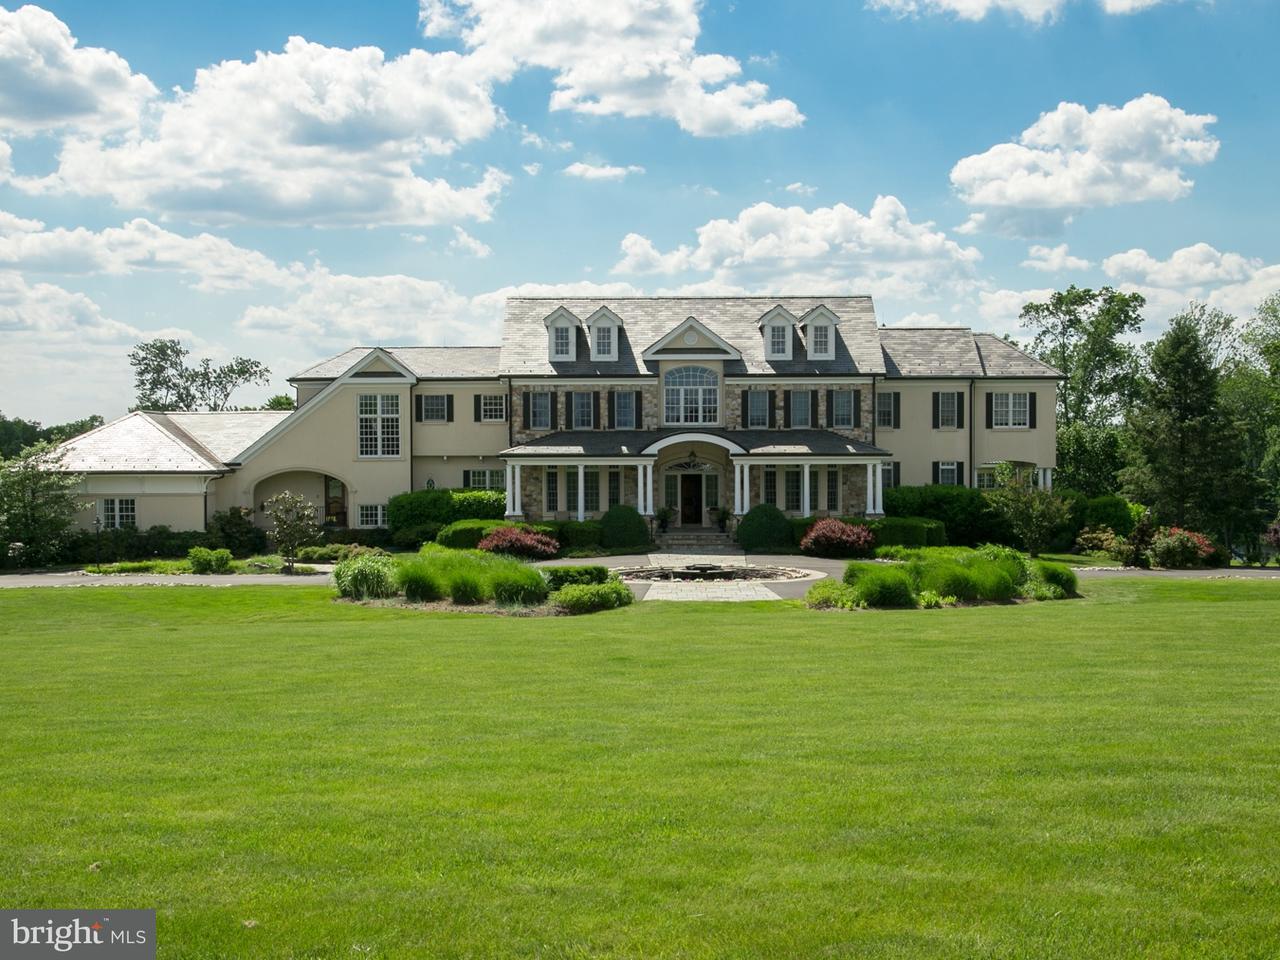 단독 가정 주택 용 매매 에 131,131-133 HARBOURTON WOODSVILLE Road Lambertville, 뉴저지 08530 미국에서/약: Hopewell Township